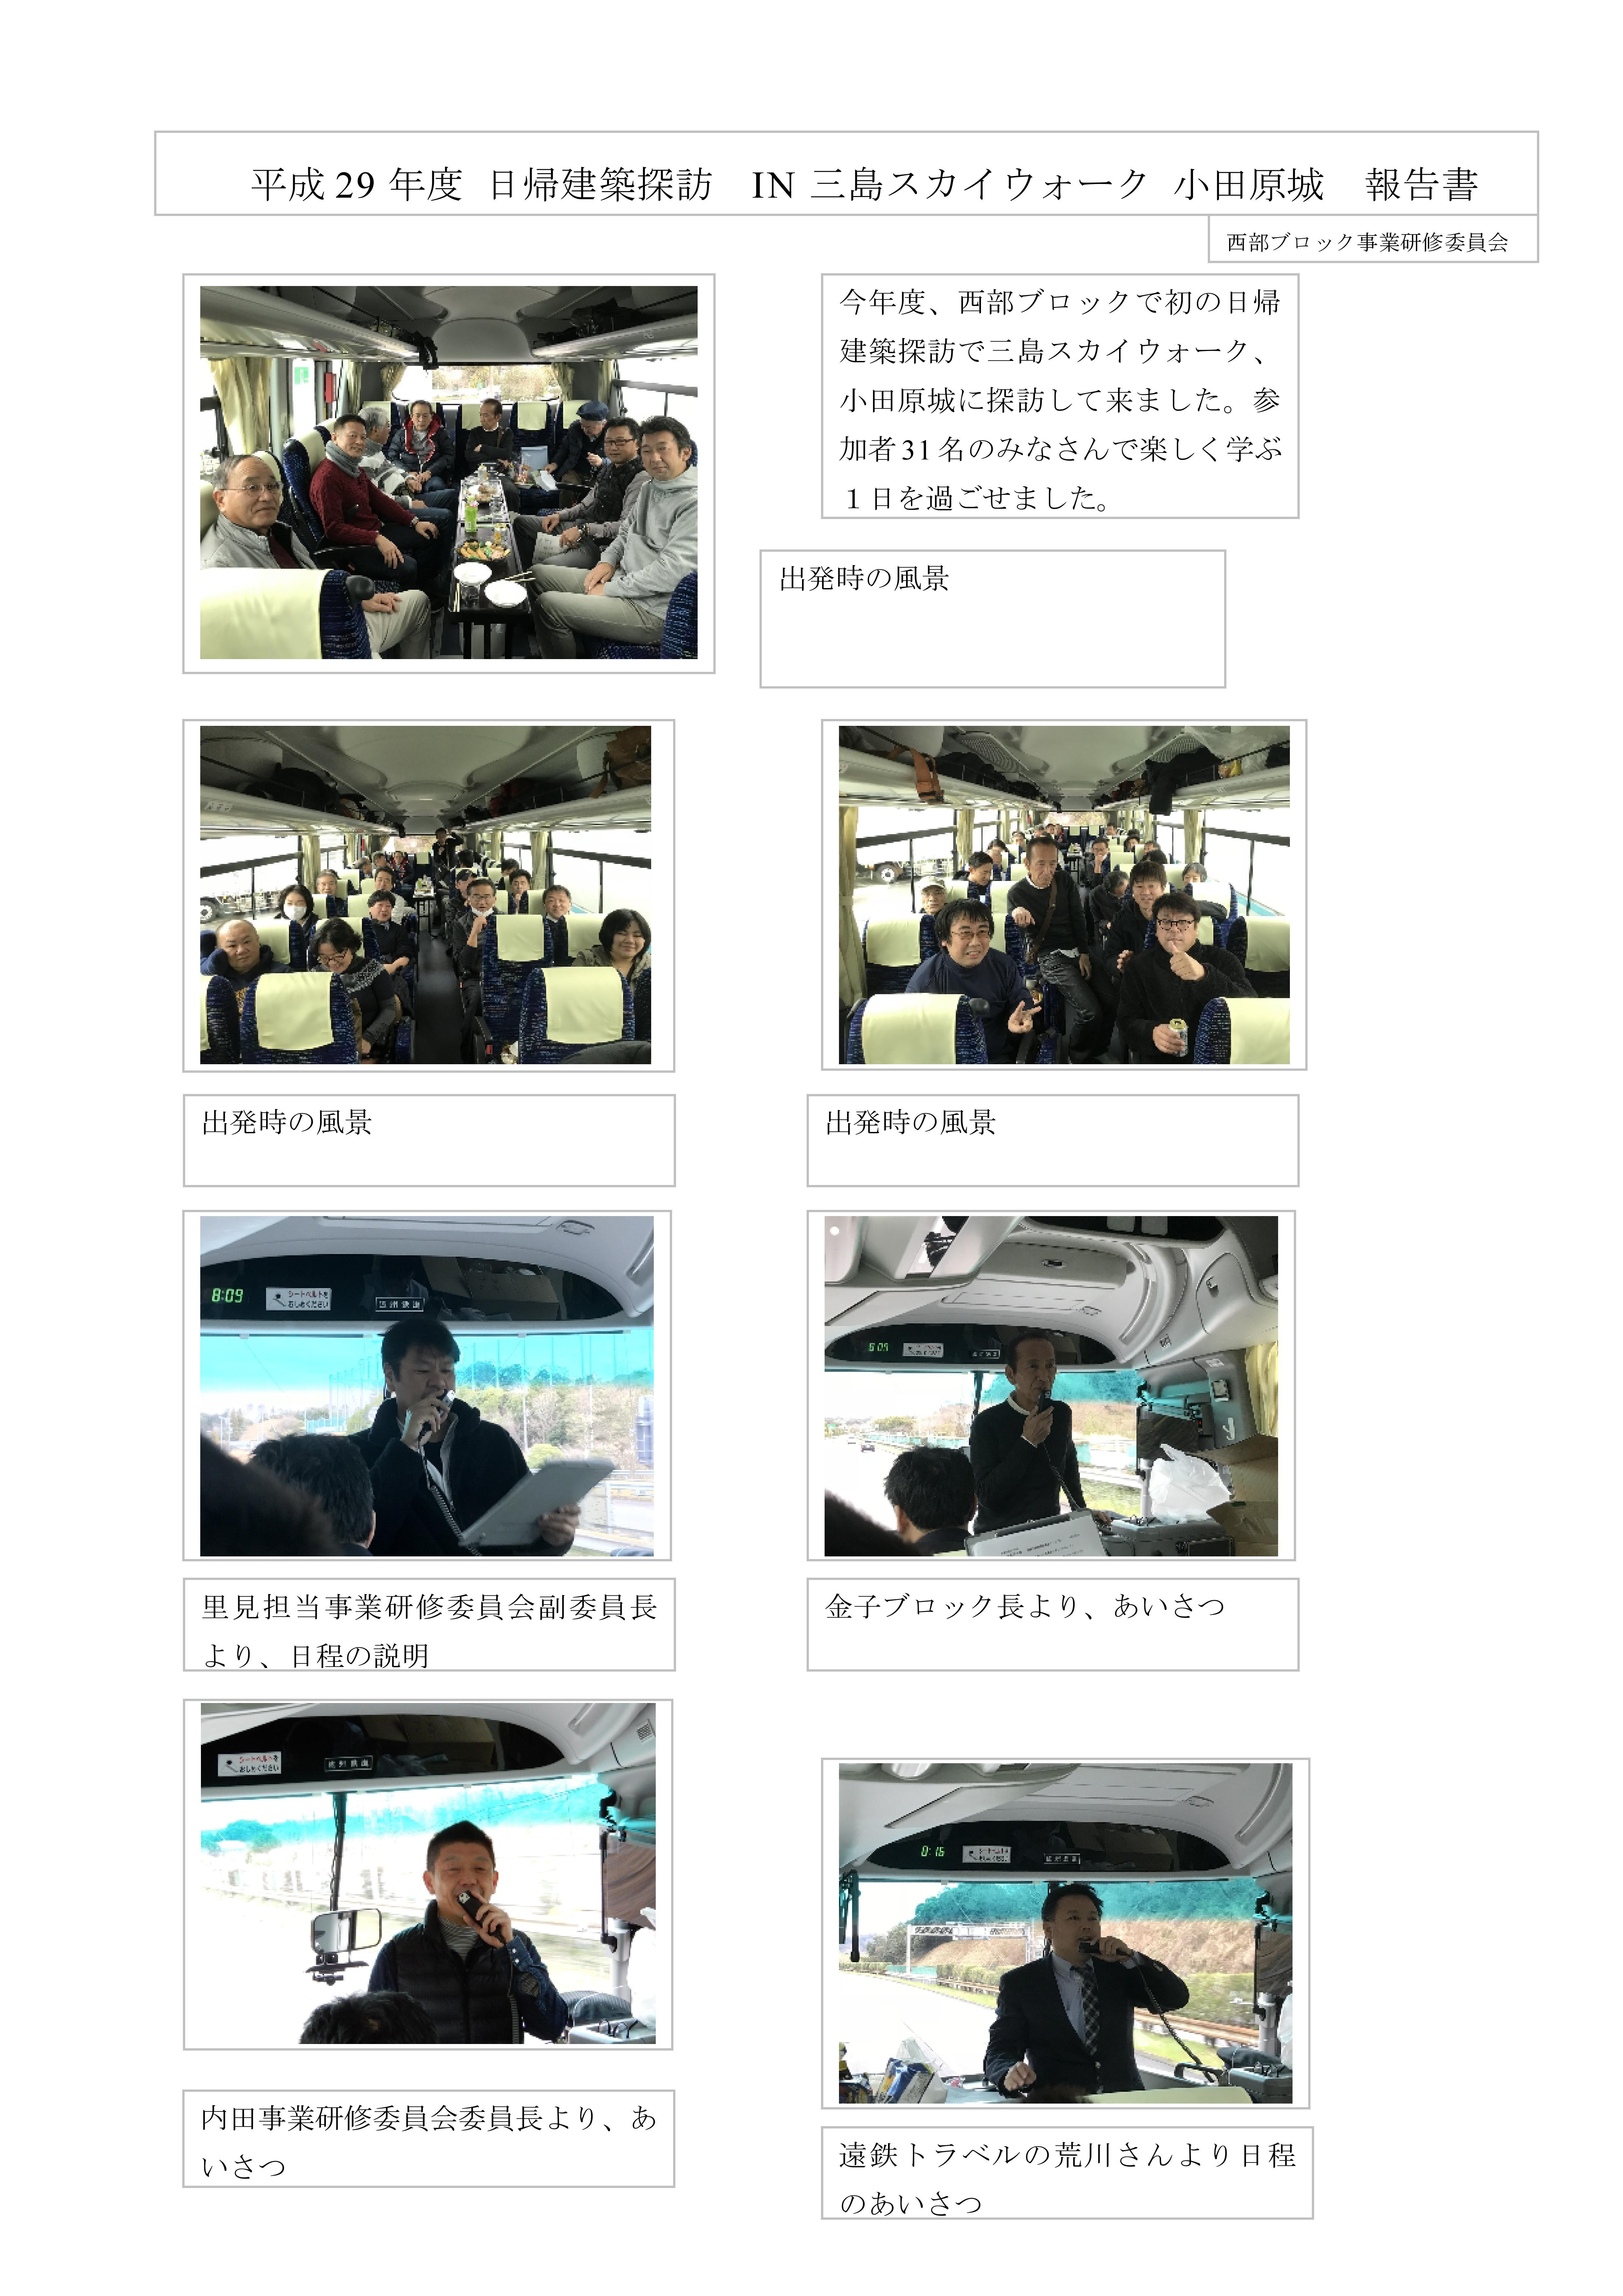 H29日帰建築探訪報告書01